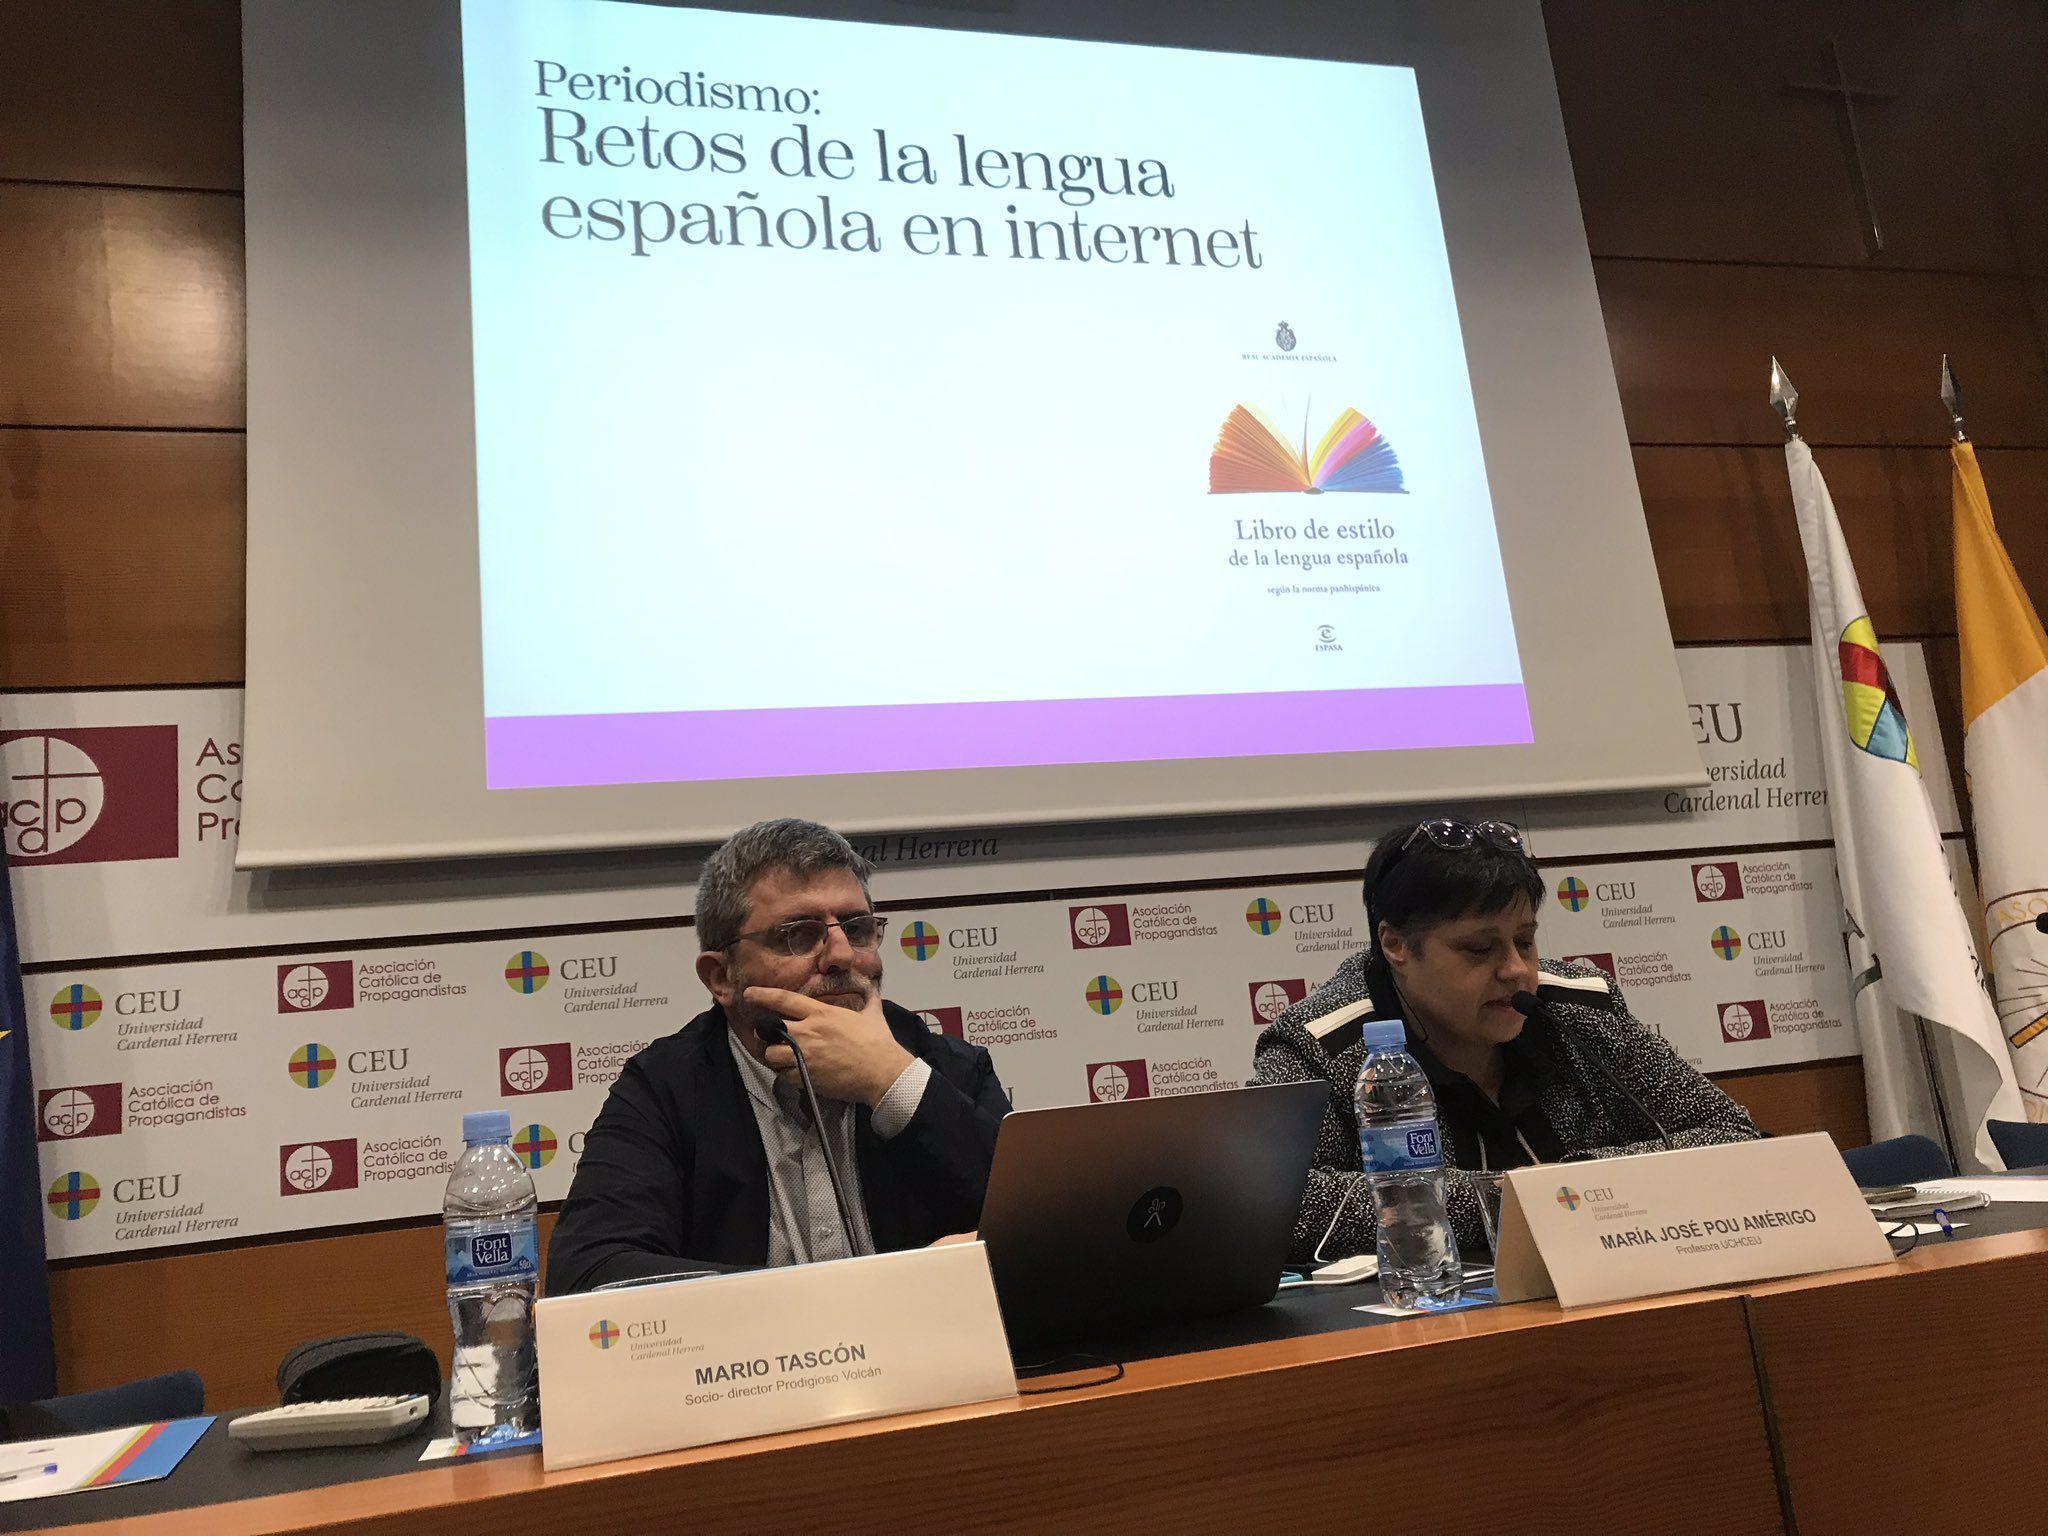 Mario Tascón ha vuelto ha participar, 20 años después, en las Jornadas de Periodismo Digital de OIMED en la CEU UCH.